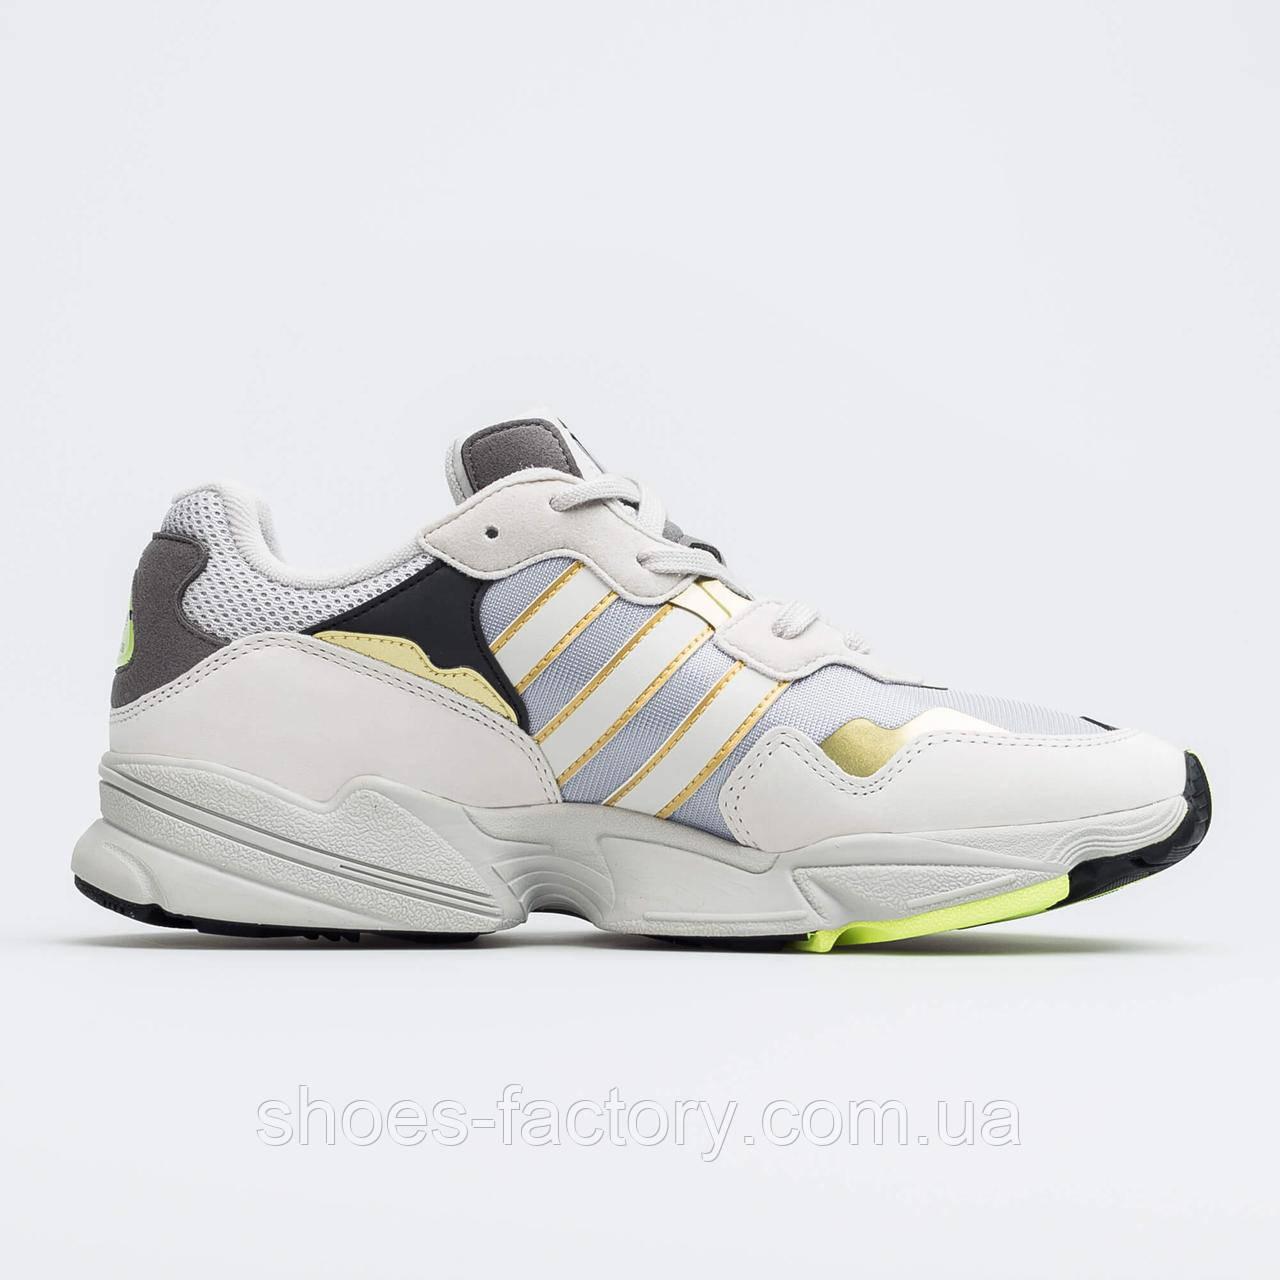 Оригинальные мужские кроссовки Adidas YUNG-96, DB3565 (Оригинал)